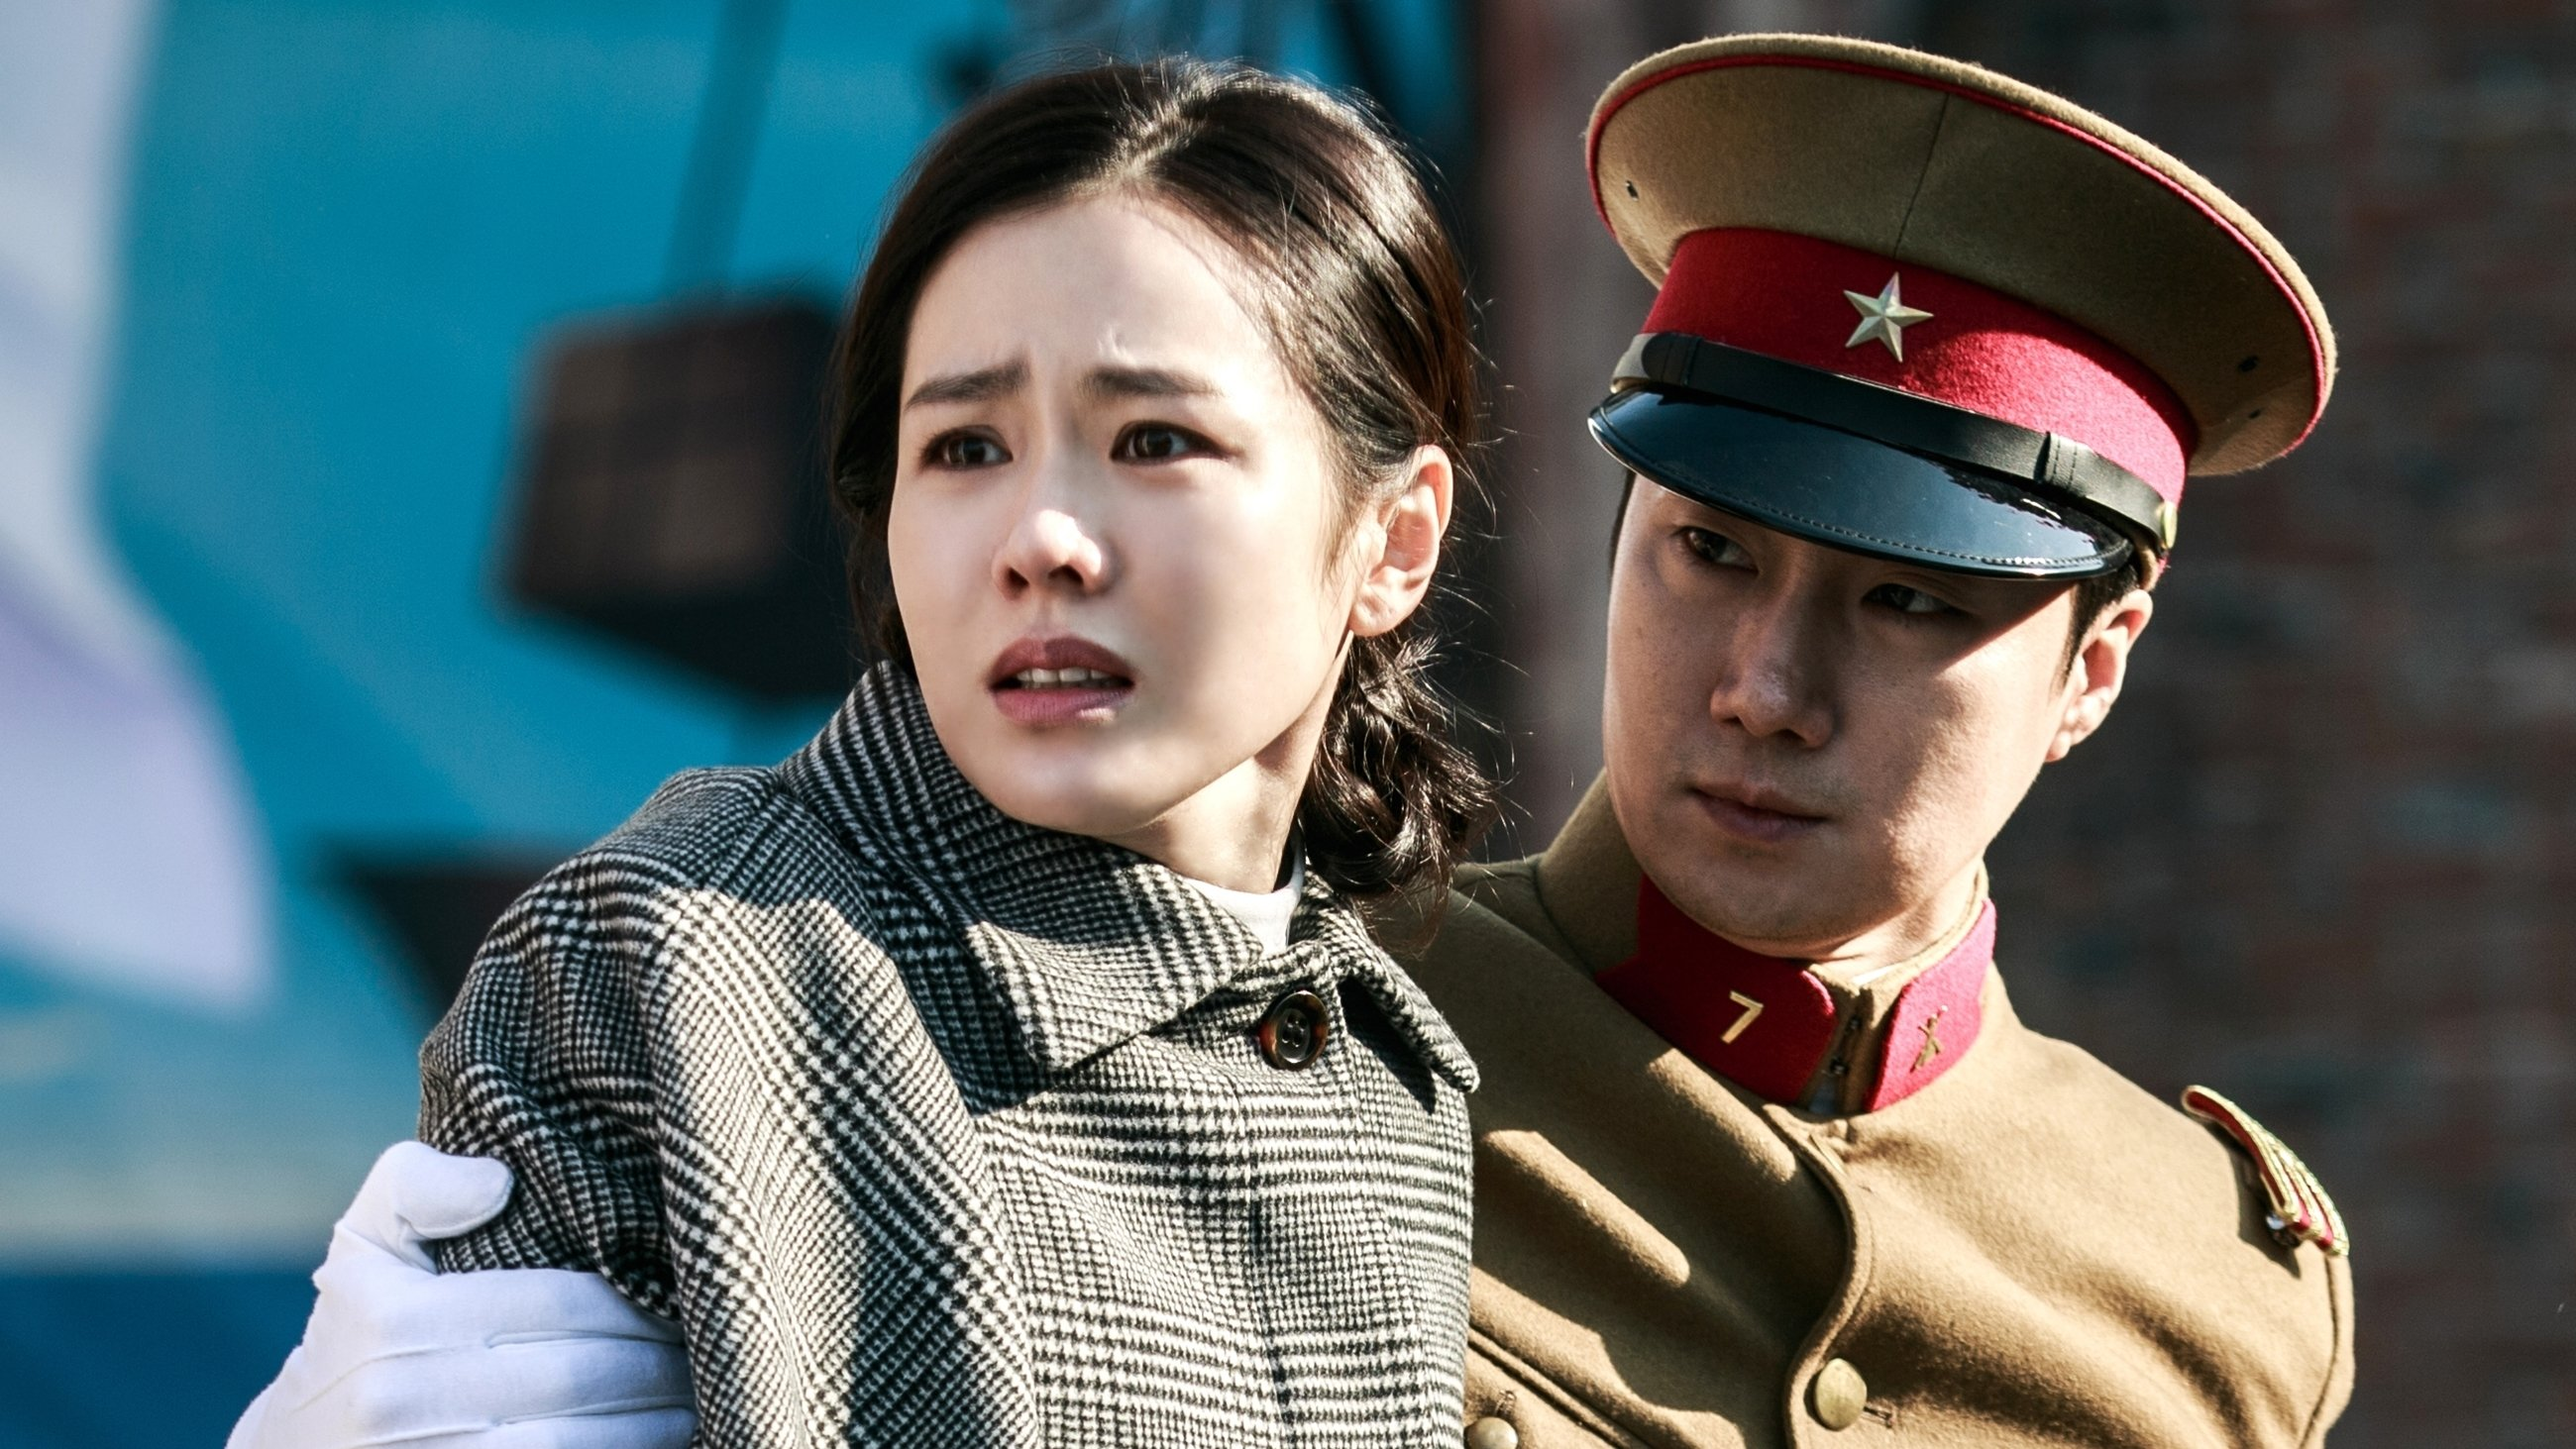 Deokhyeongju